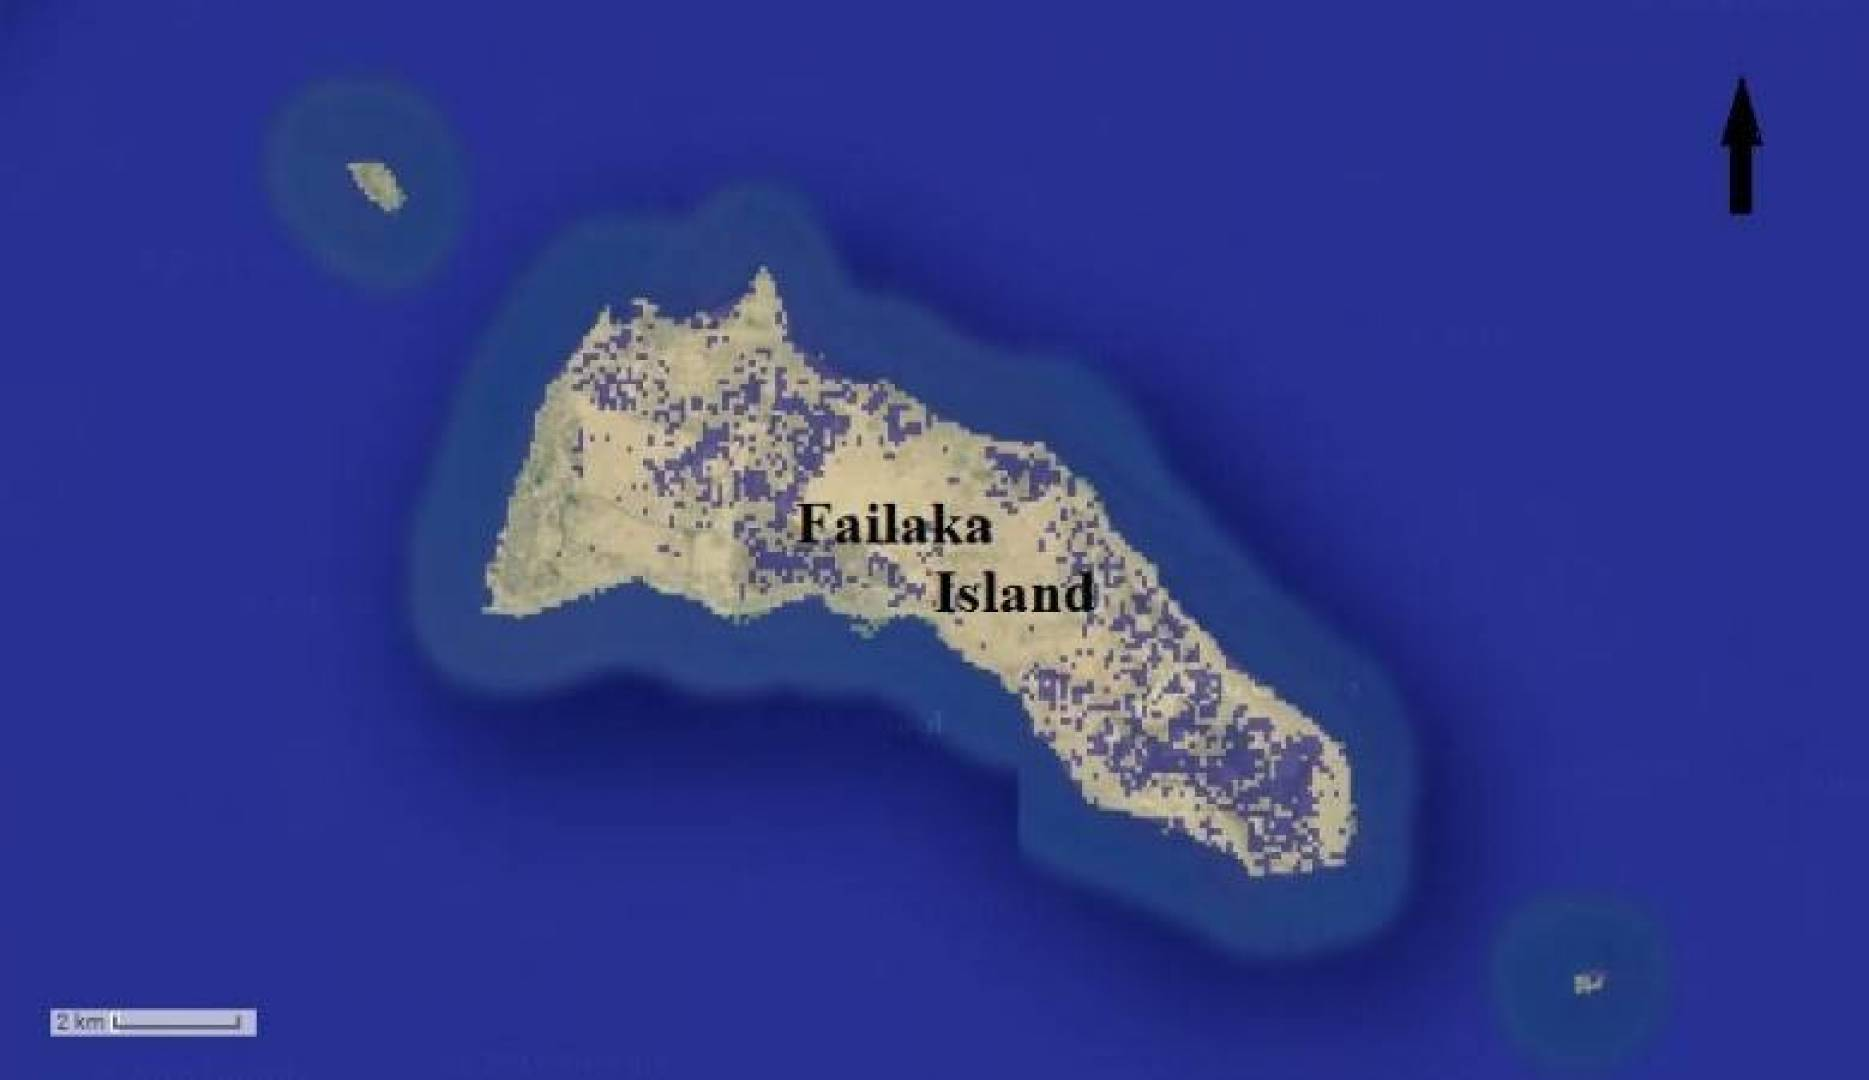 4 جزر كويتية معرضة للغرق بسبب التغييرات المناخية